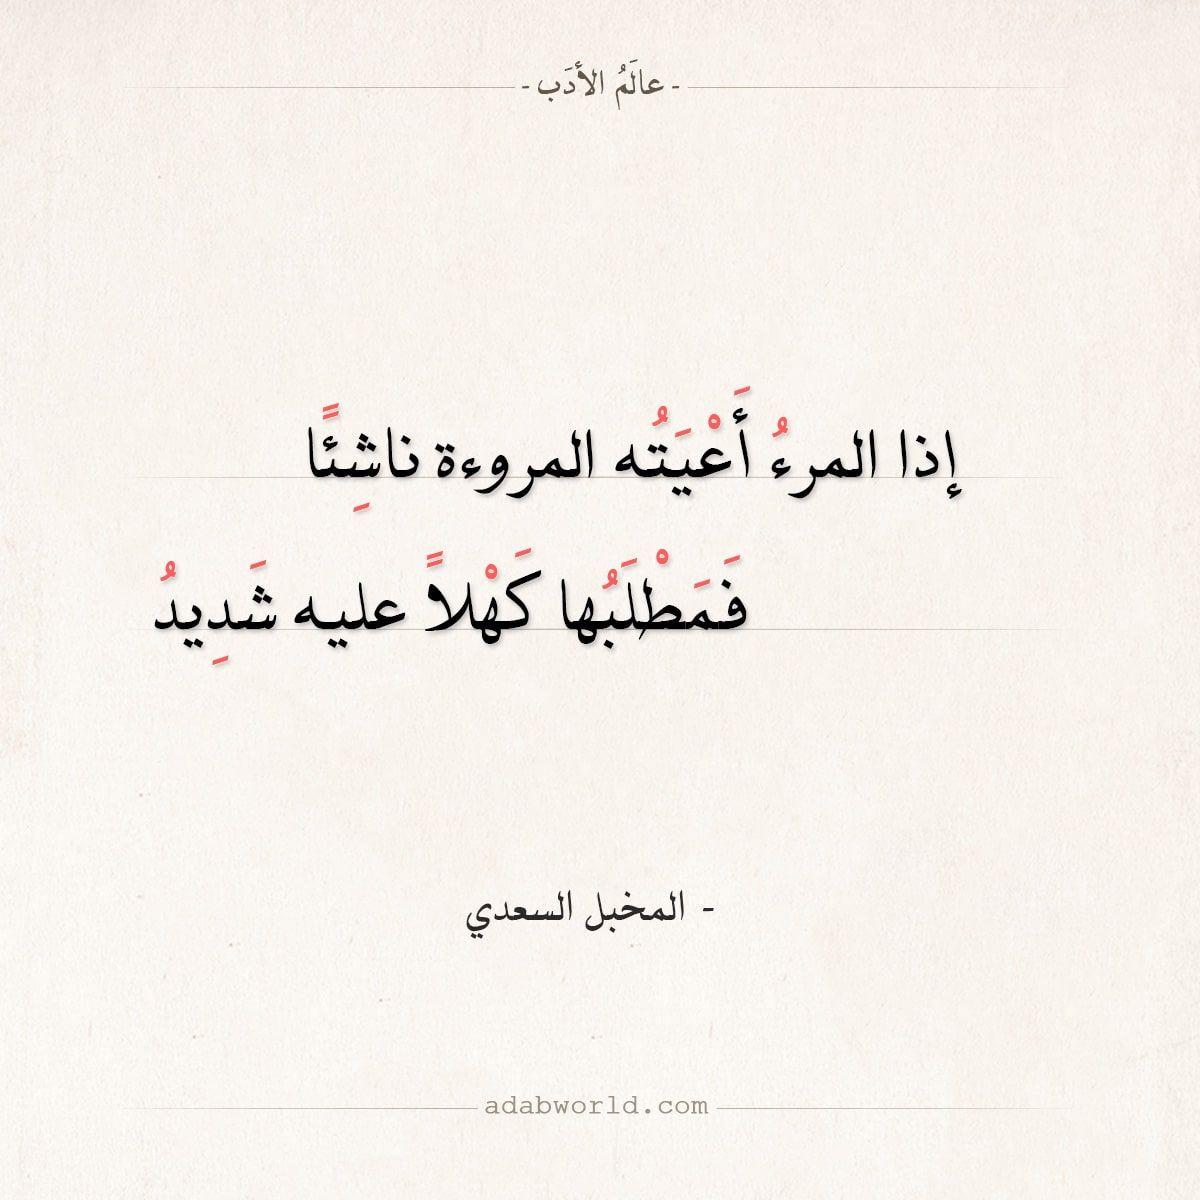 شعر المخبل السعدي ألا يا لقومي للرسوم تبيد عالم الأدب Islamic Calligraphy Words Arabic Calligraphy